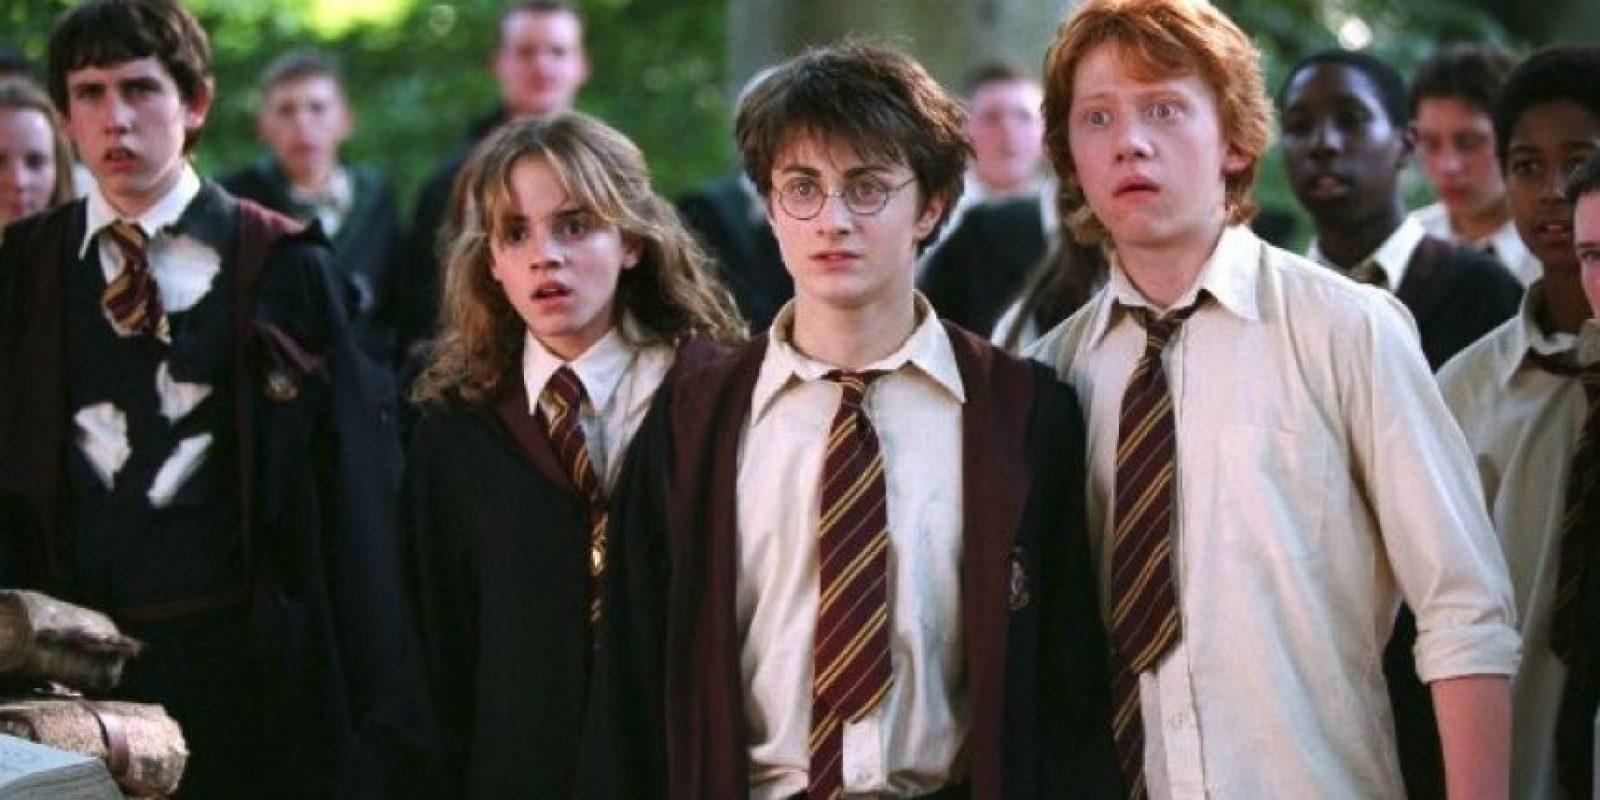 """Para la filmación de la película """"Harry Potter y el prisionero de Azkaban"""", el director Alfonso Cuarón pidió que los protagonistas escribieran un ensayo sobre sus personajes, pero Grint no lo escribió. Foto:IMDB"""